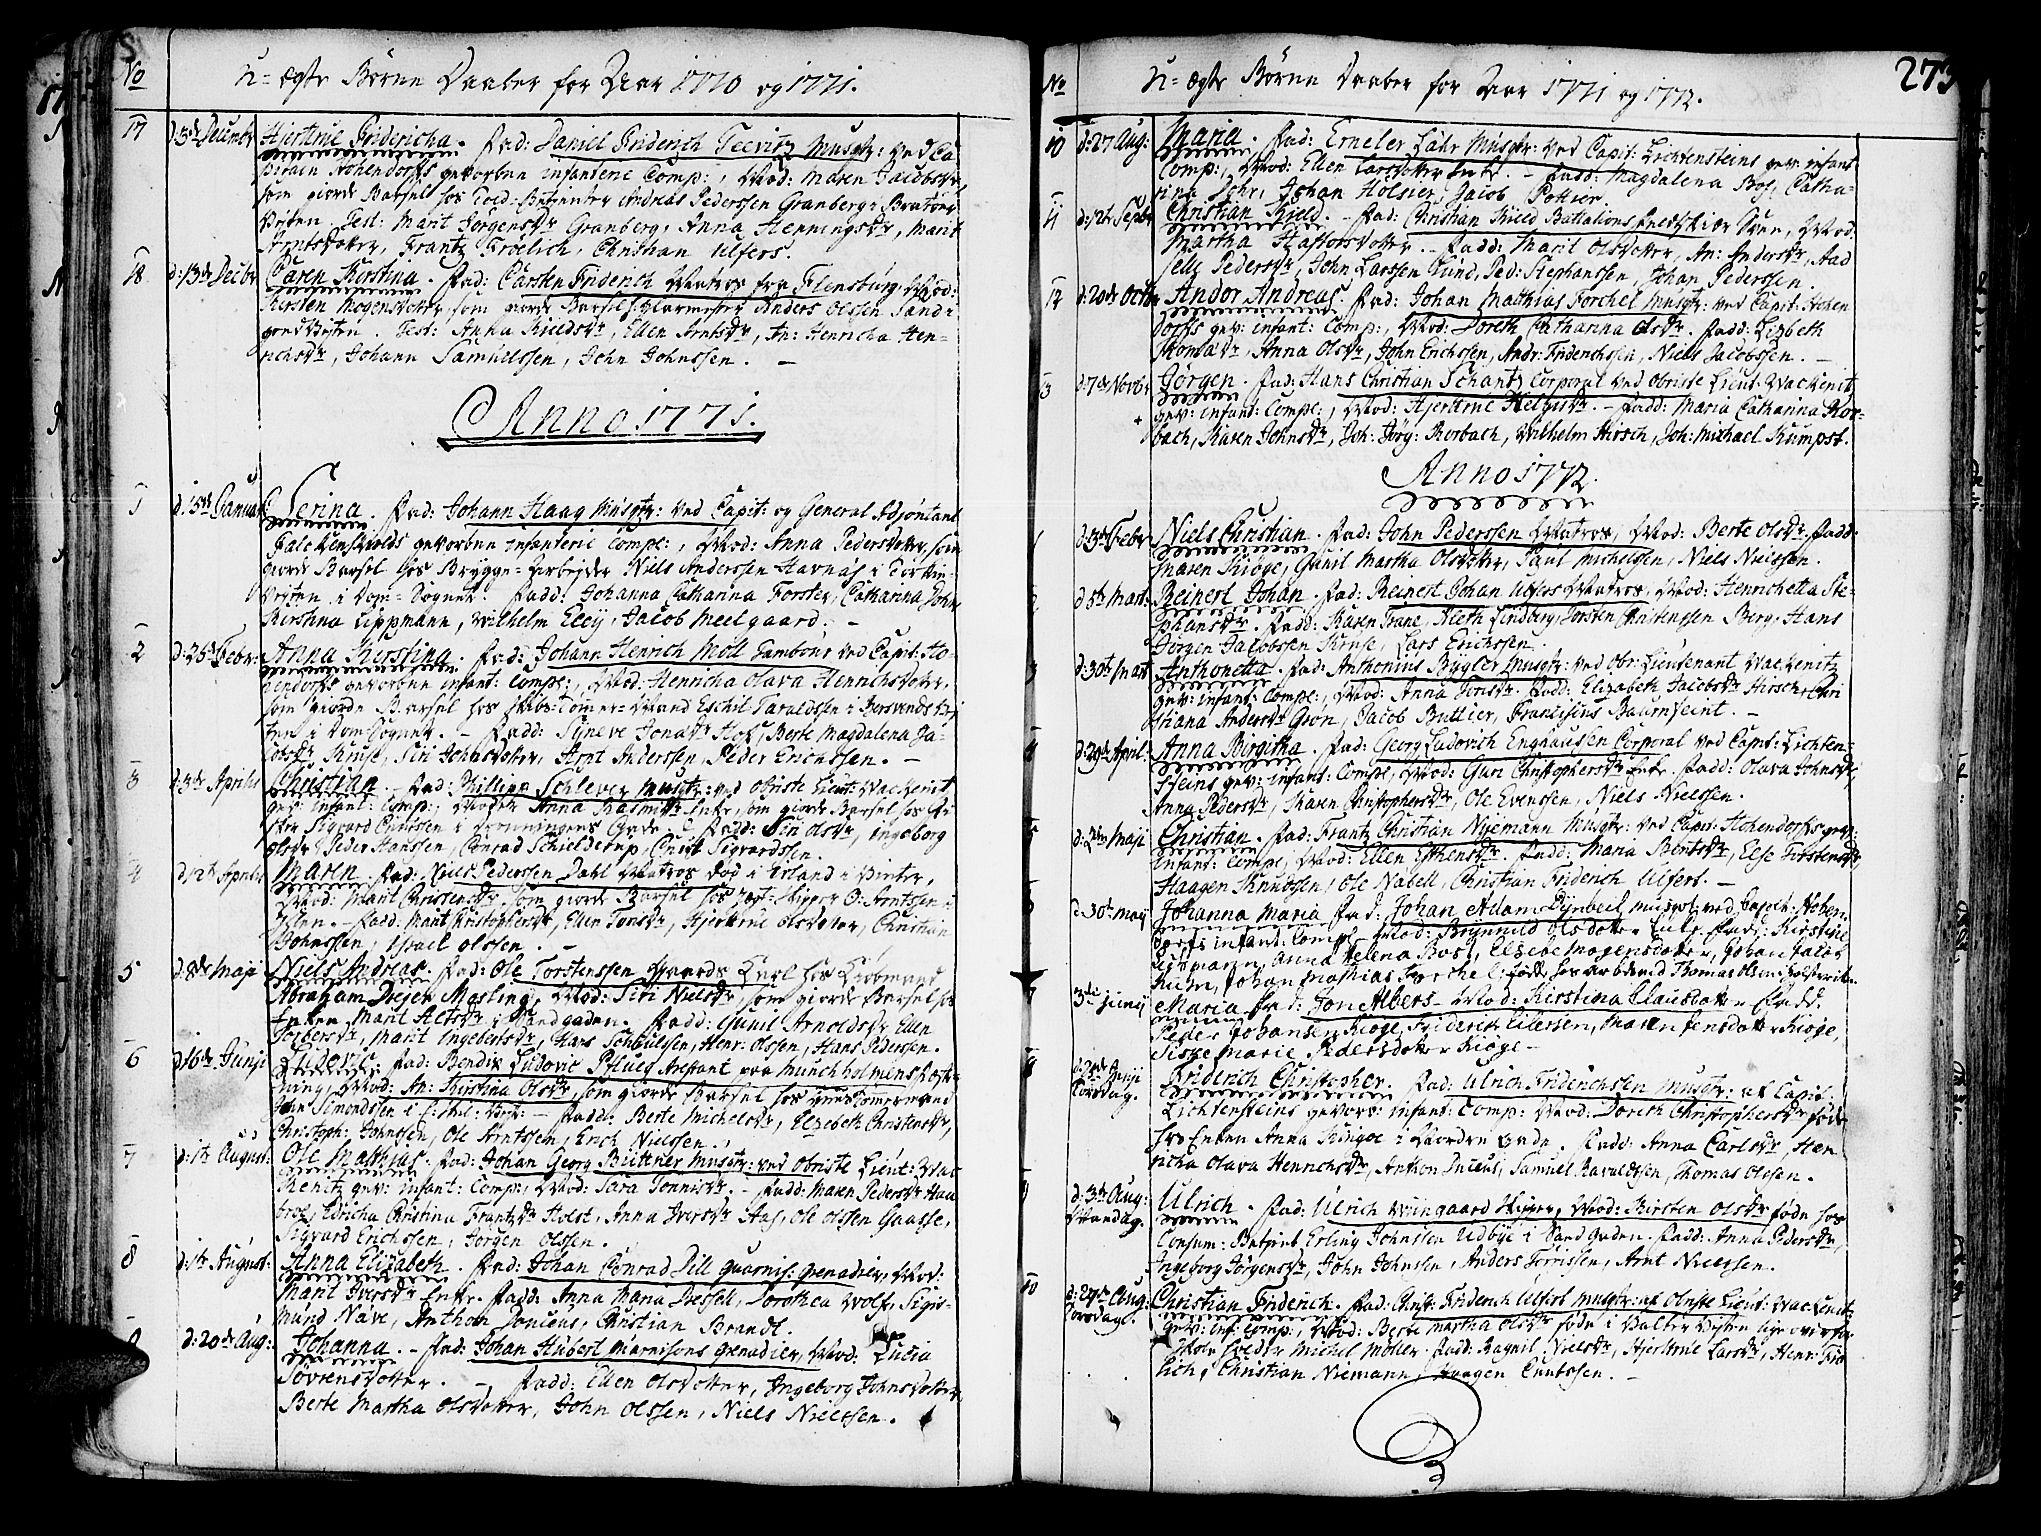 SAT, Ministerialprotokoller, klokkerbøker og fødselsregistre - Sør-Trøndelag, 602/L0103: Ministerialbok nr. 602A01, 1732-1774, s. 273